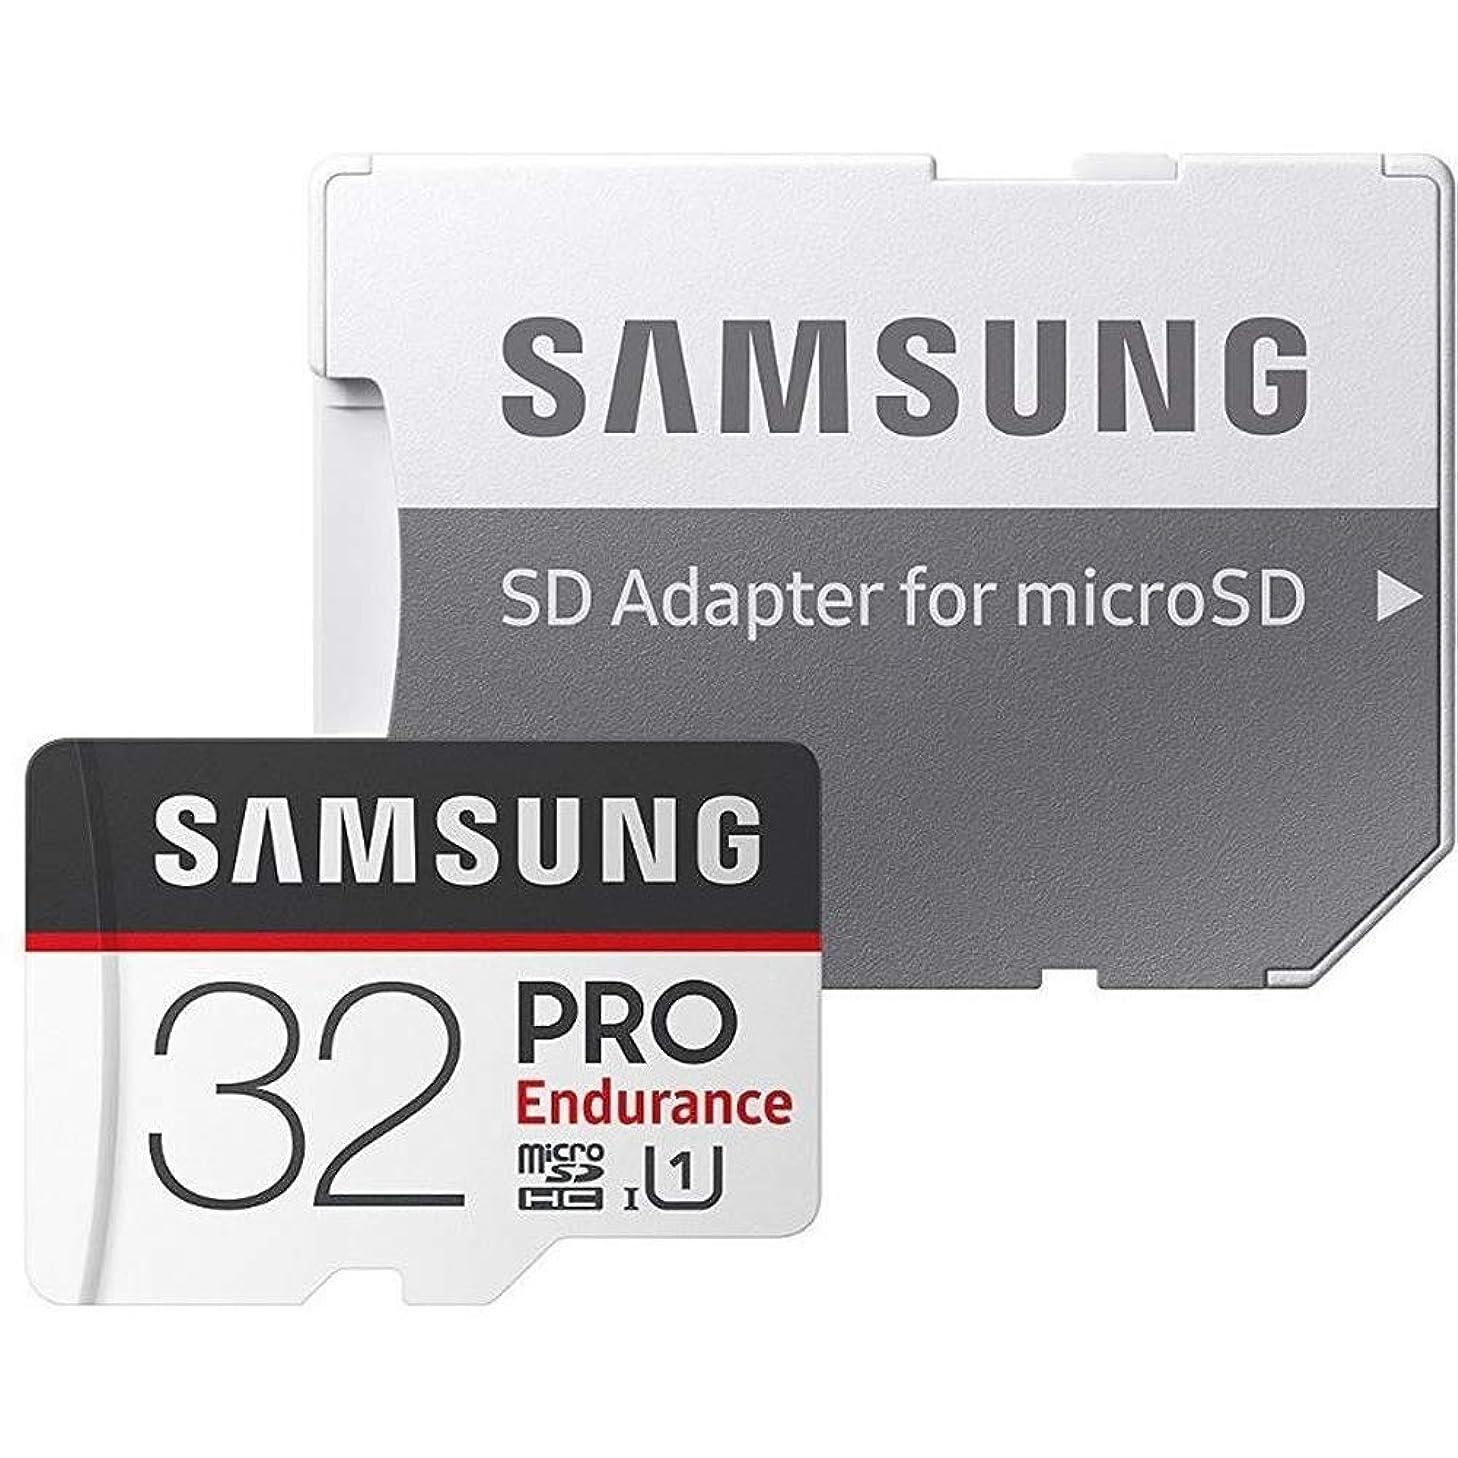 砦ハロウィンタンザニアSamsung 高耐久設計 PRO Endurance microSD 32GB MB-MJ32GA SD変換アダプター付属 サムスン 海外パッケージ品